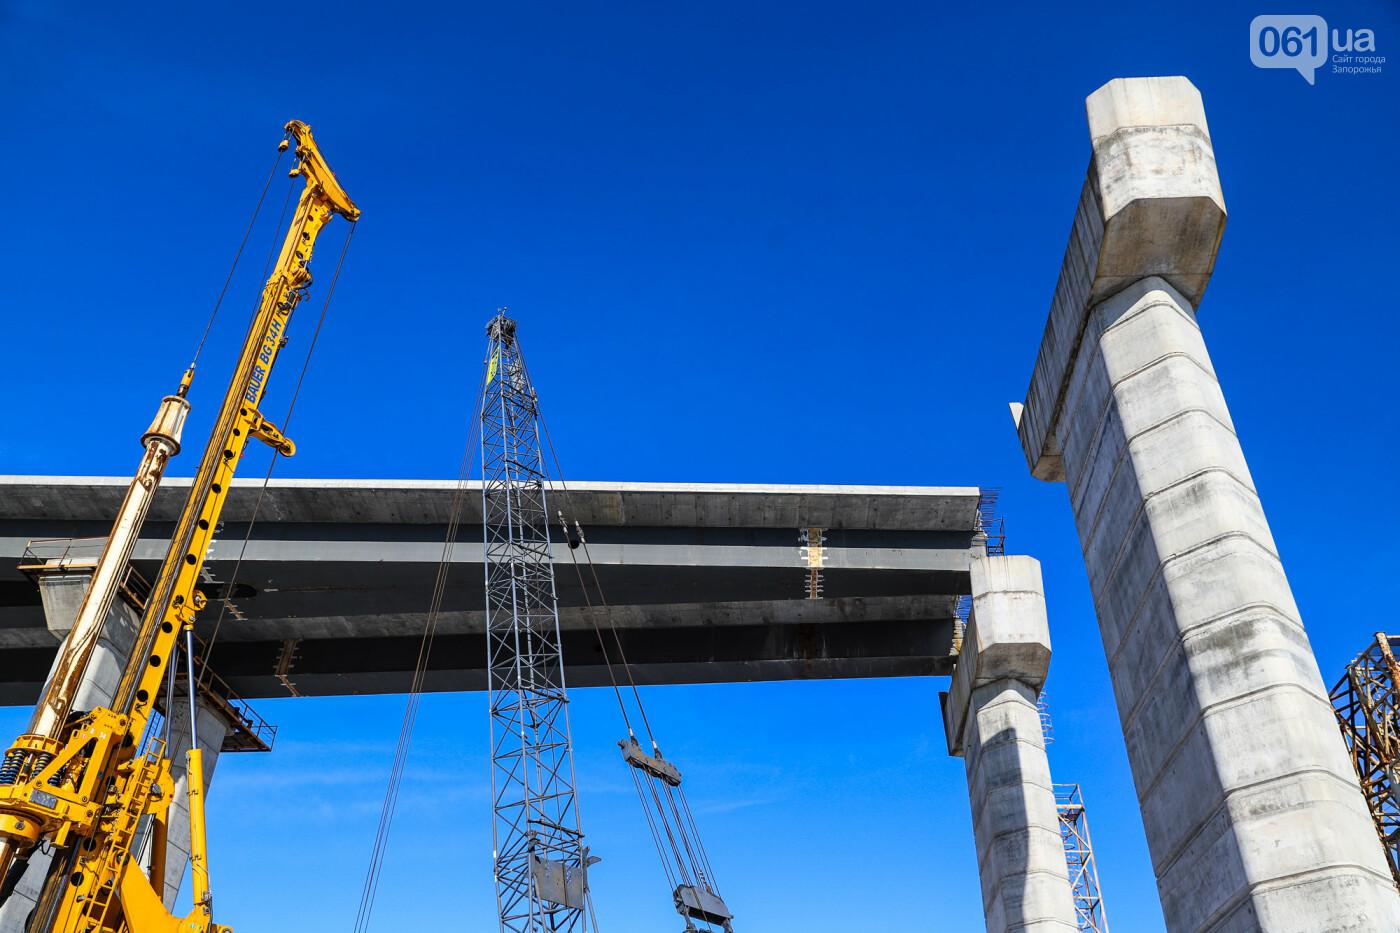 Кран с иностранной пропиской, ванты и металл: строительство запорожских мостов в фотографиях, фото-44